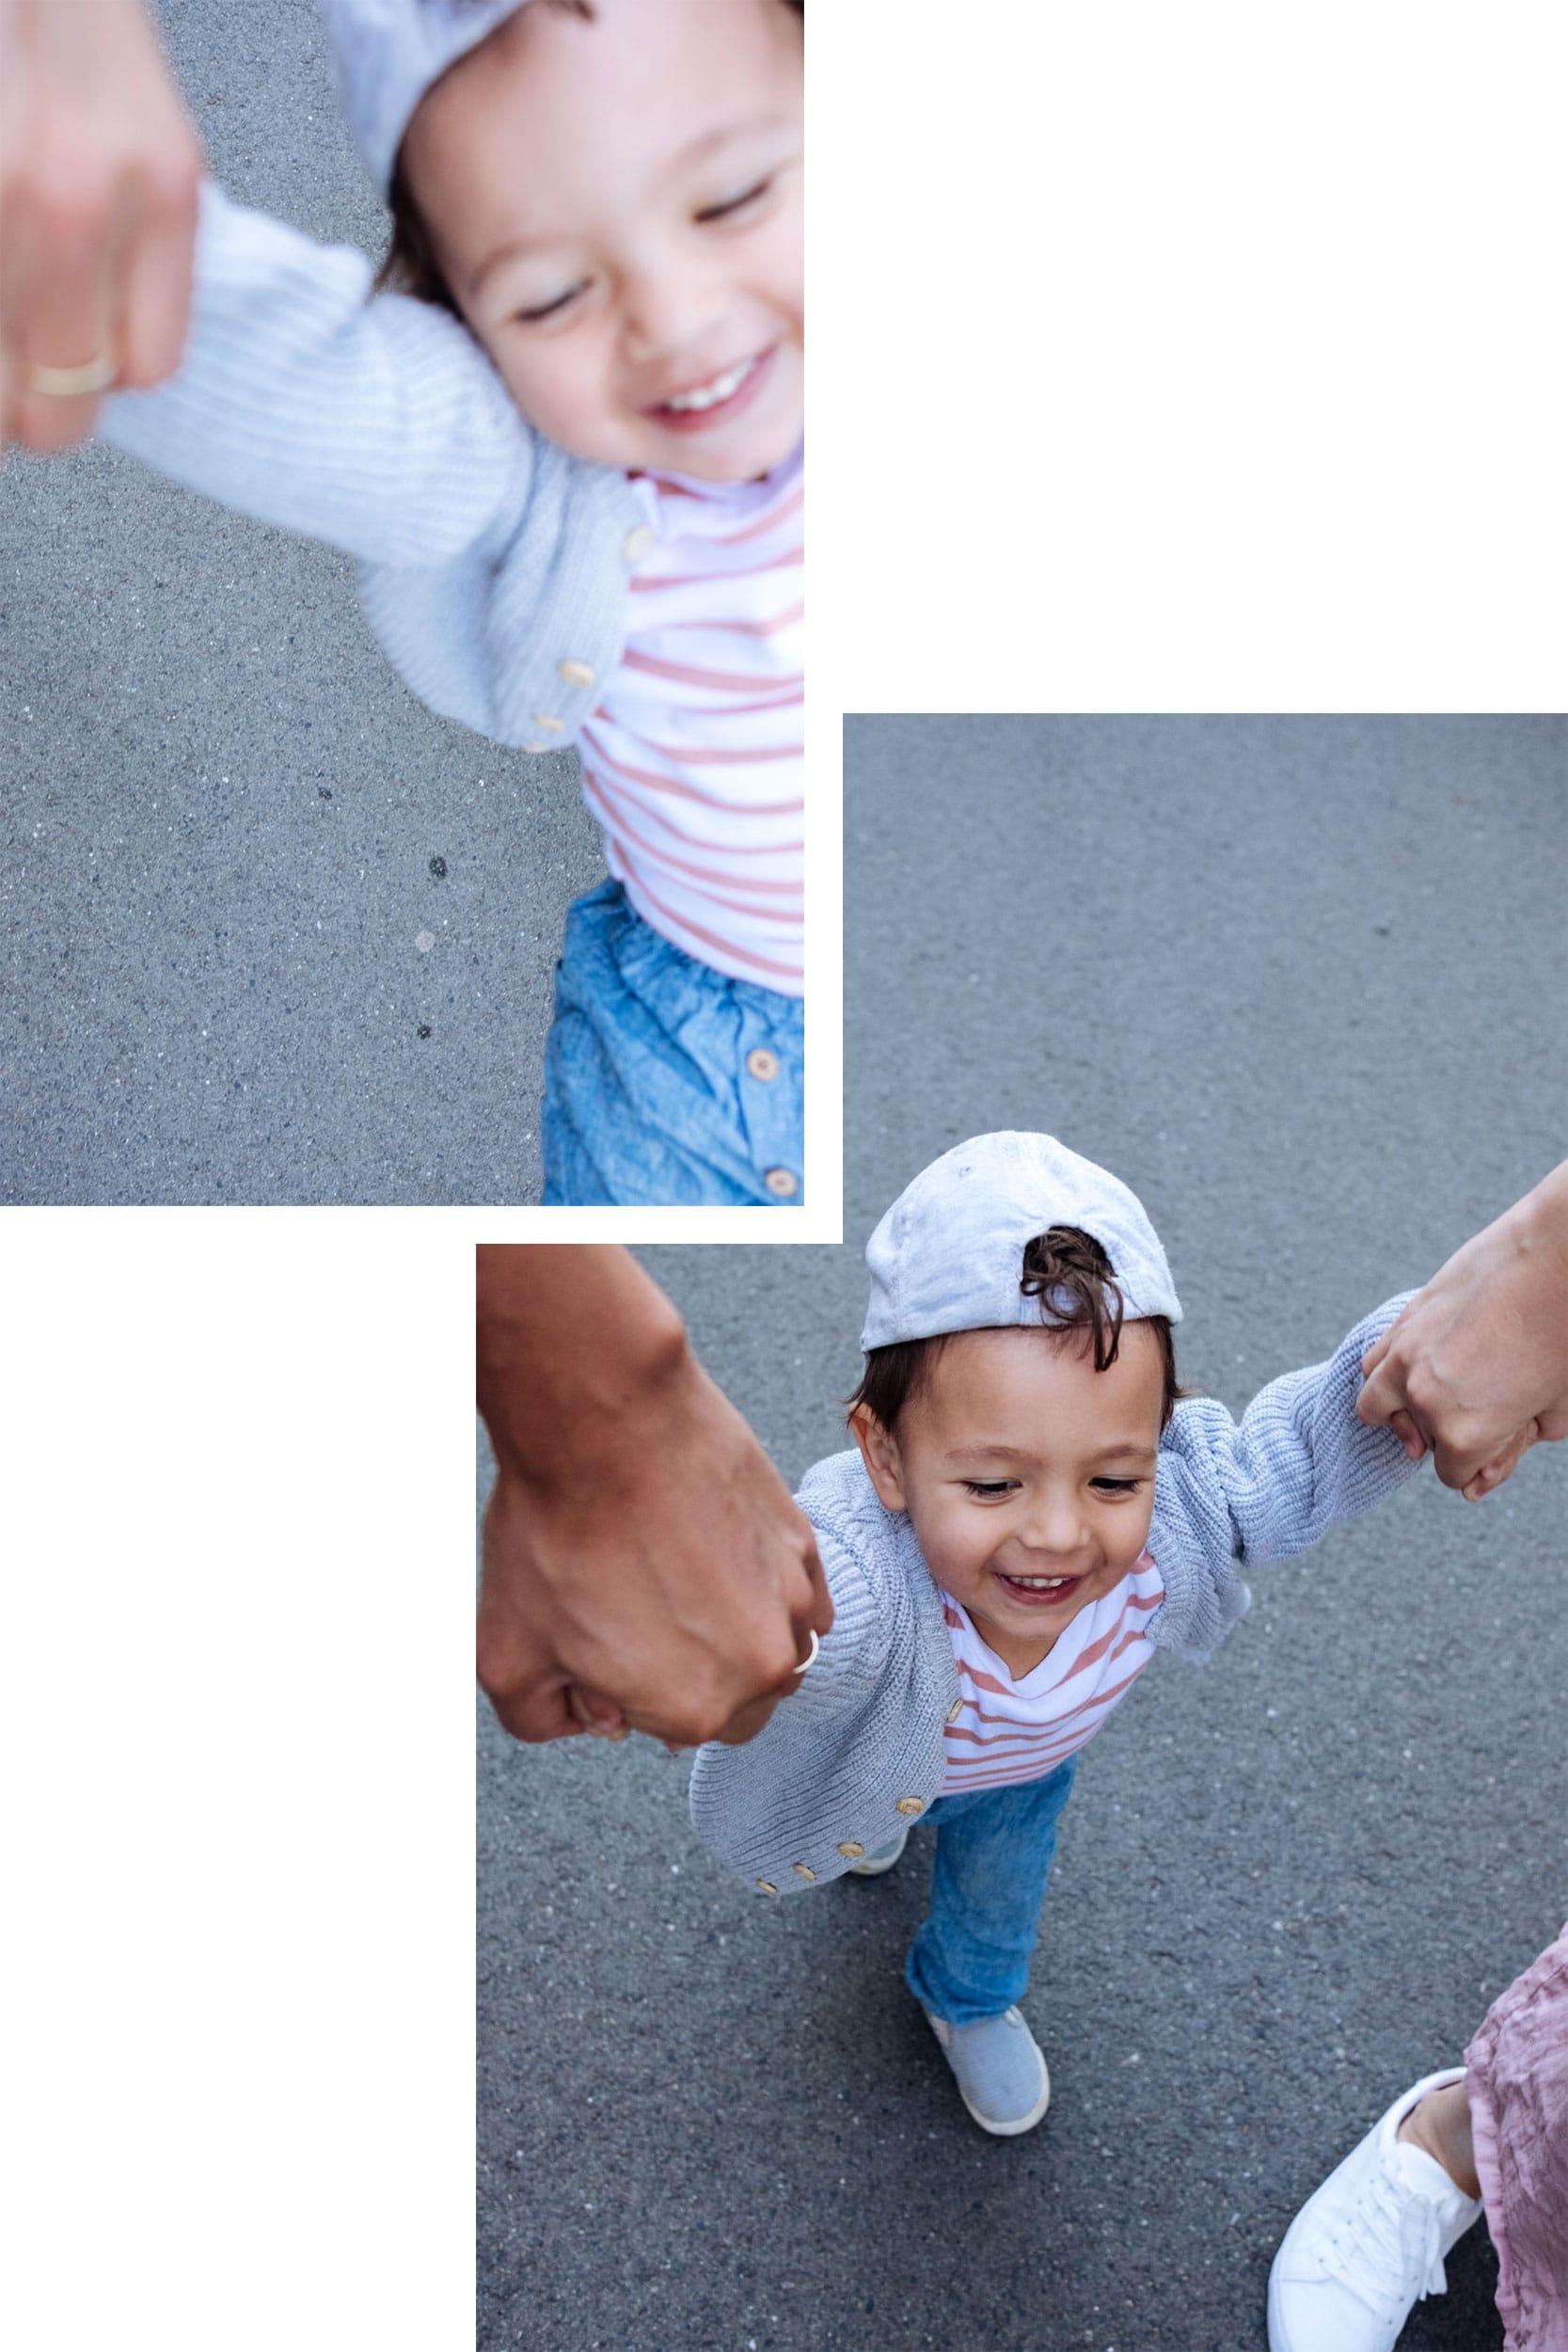 Familiensonntag | Unterwegs mit Fußball und Laufrad | Familienleben